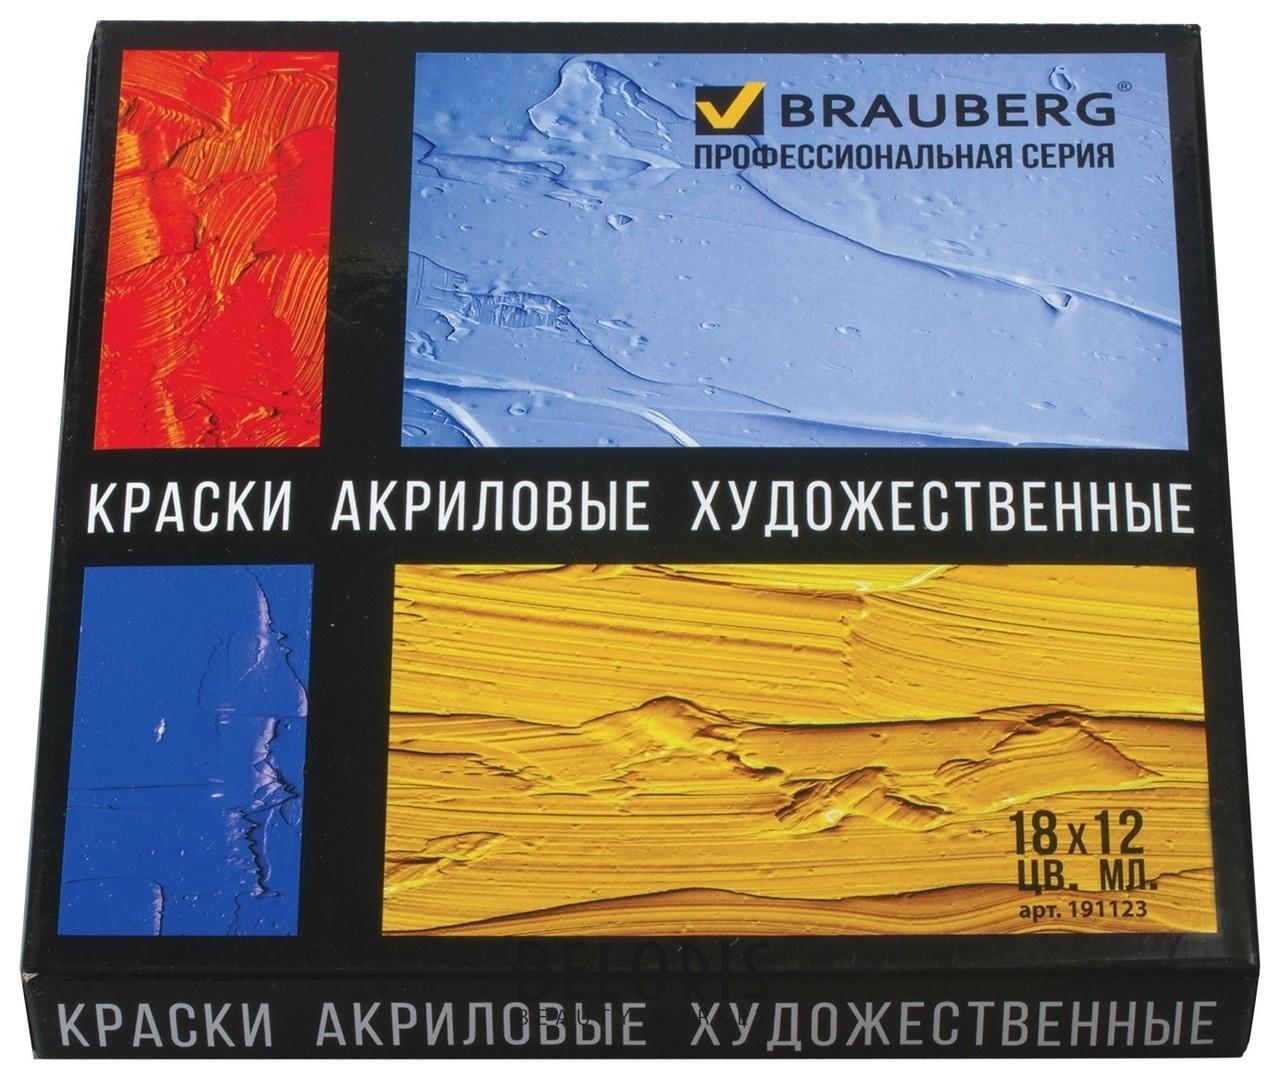 Краски акриловые художественные Brauberg Art Classic, набор 18 цветов по 12 мл, в тубах Brauberg